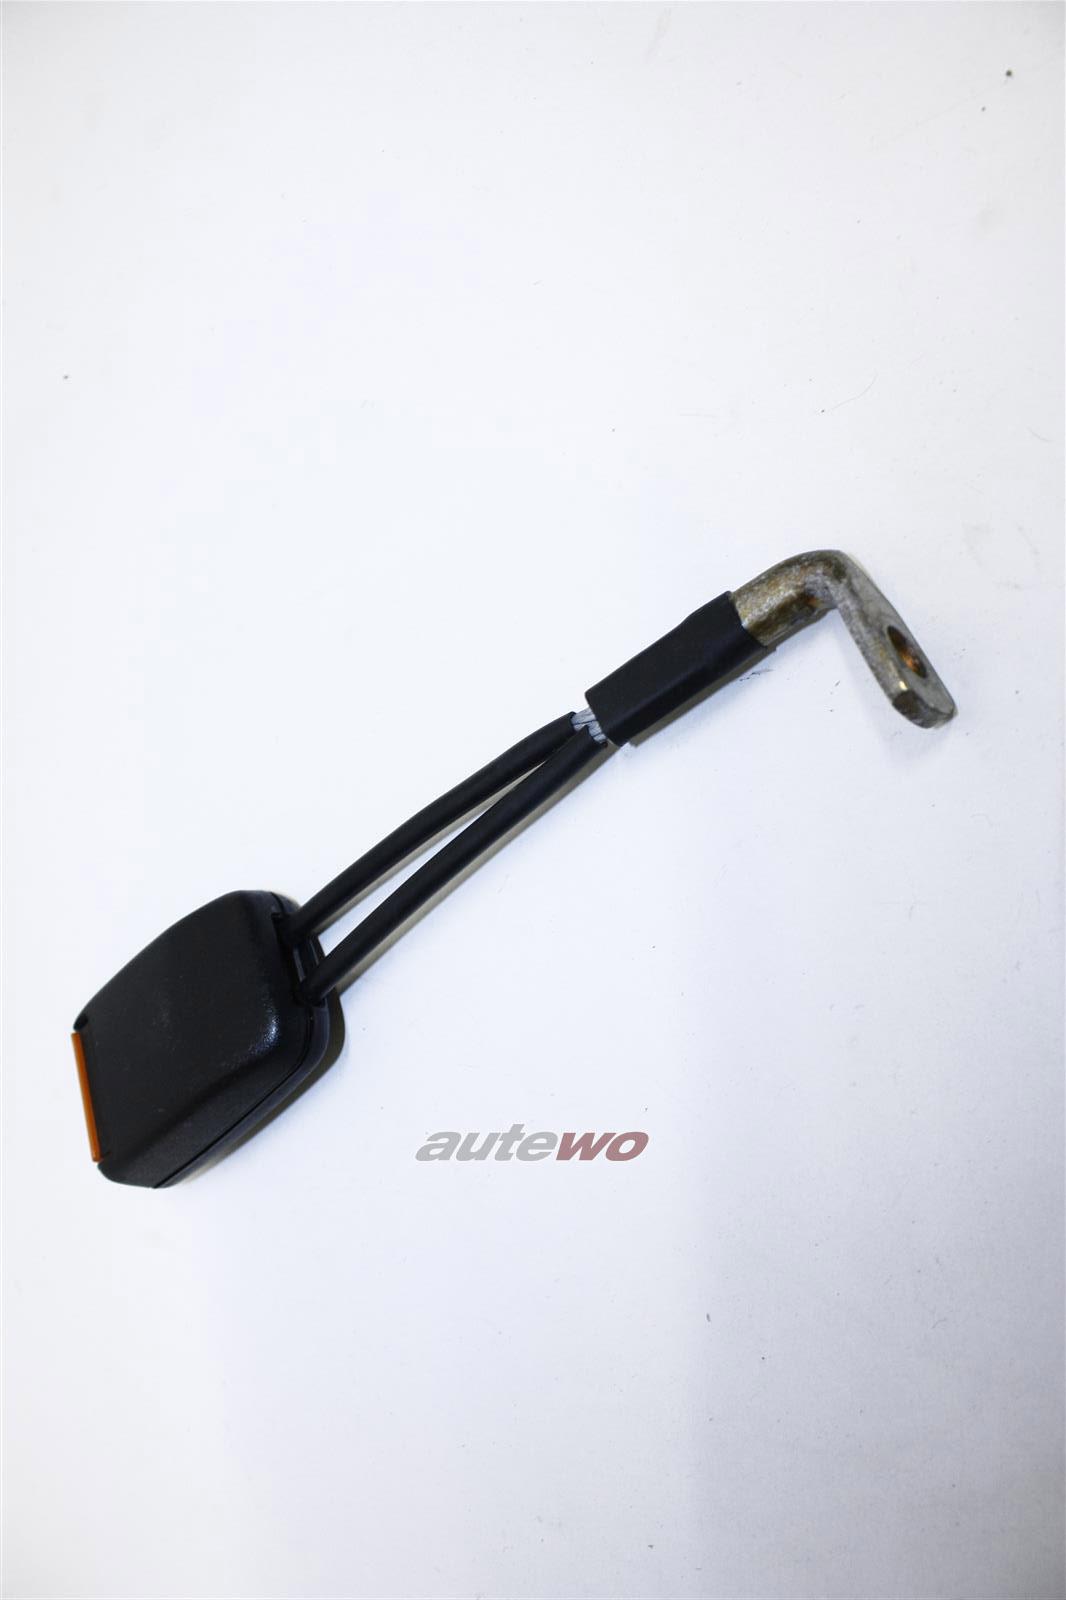 Audi 100/200 Typ 44/V8 D11 Gurtschloss Sicherheitsgurt Hinten 443857739D